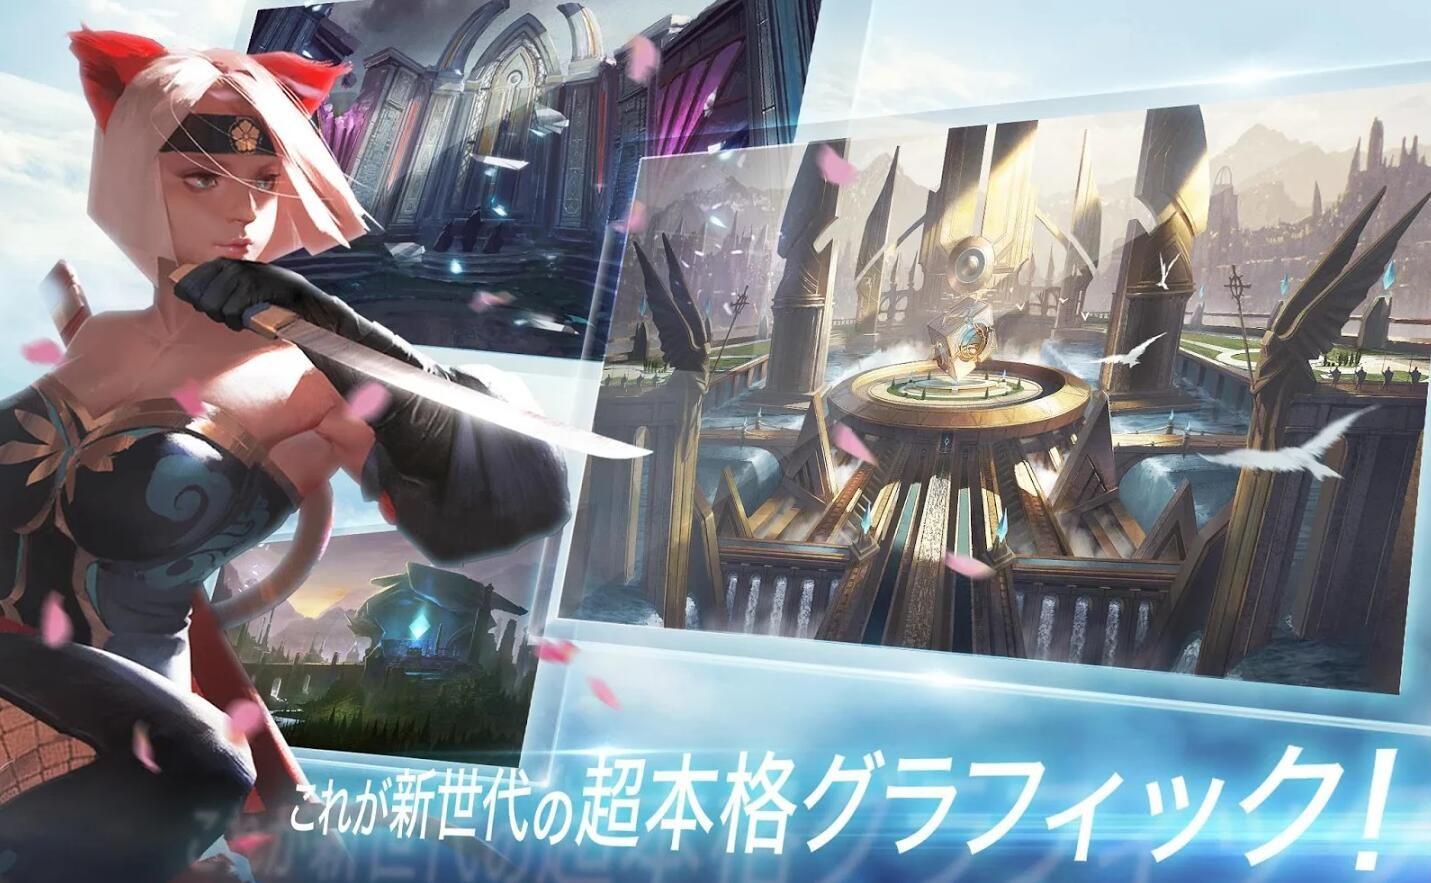 王者荣耀日服国际版官方网站下载正版地址图4: